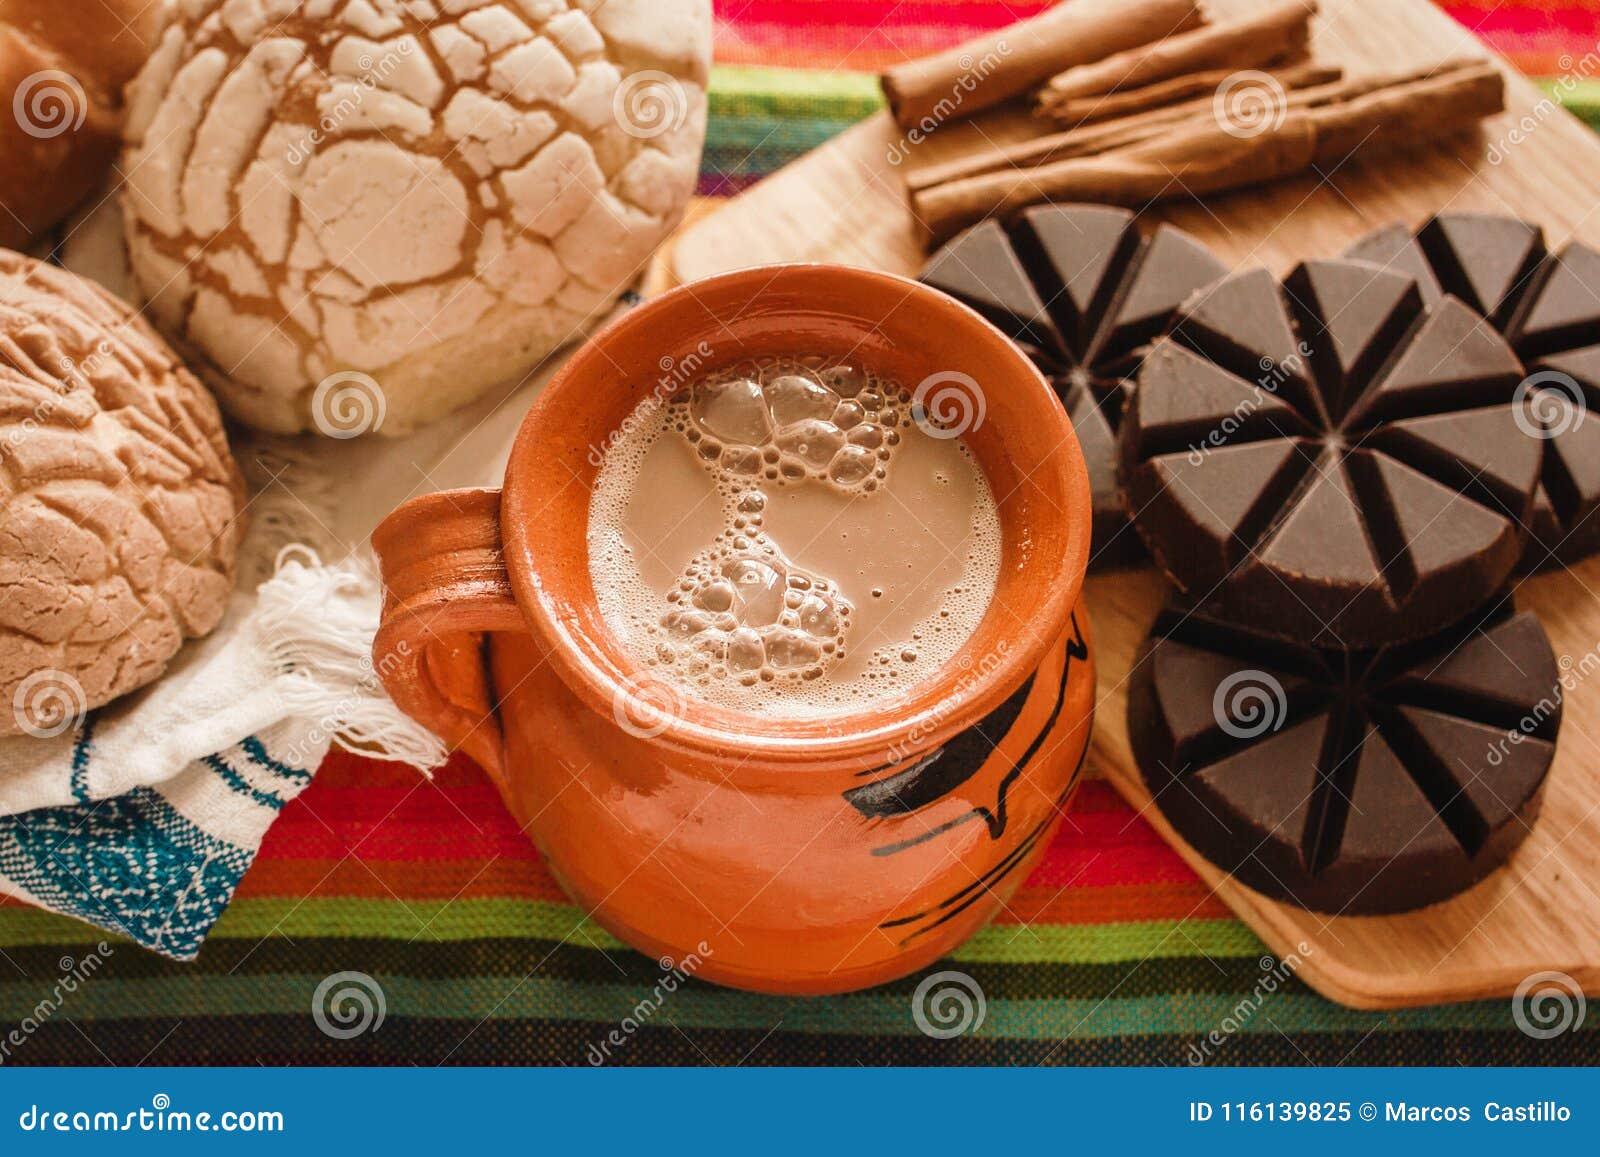 Chocolademexicano en conchas, kop van Mexicaanse chocolade van oaxaca Mexico